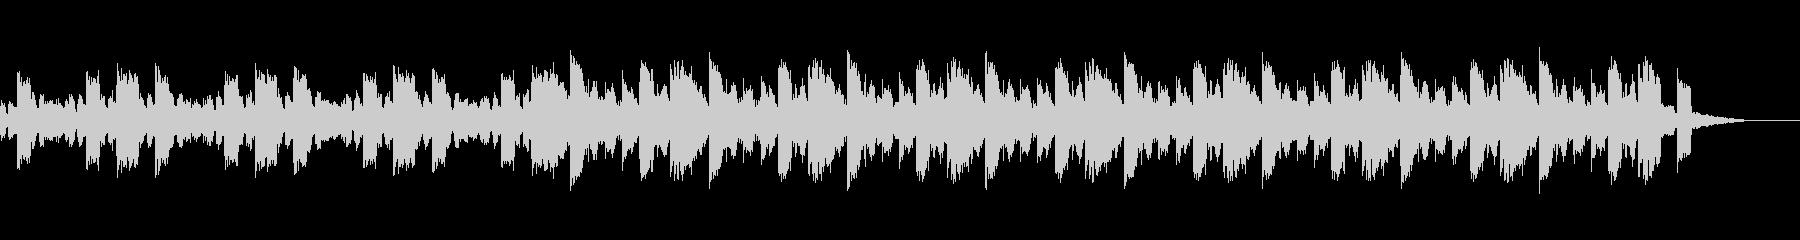 コーポレートテクスチャ―1の未再生の波形